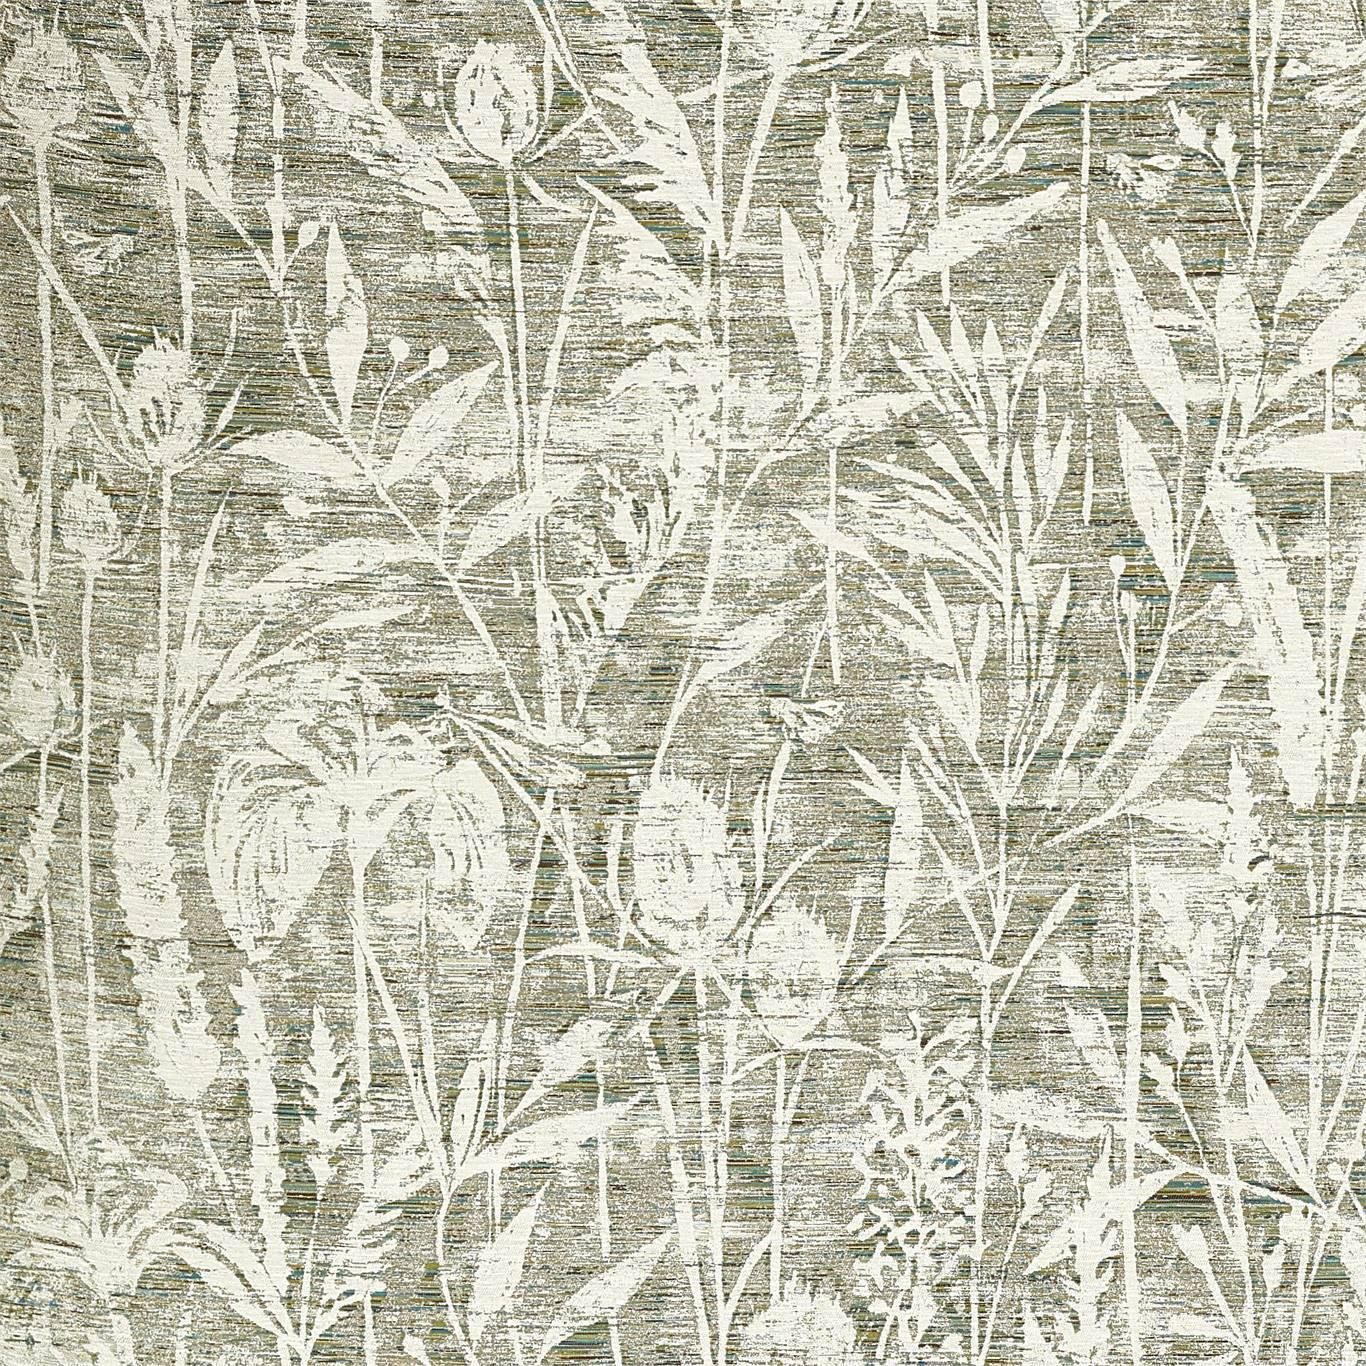 Violet Grasses by SAN